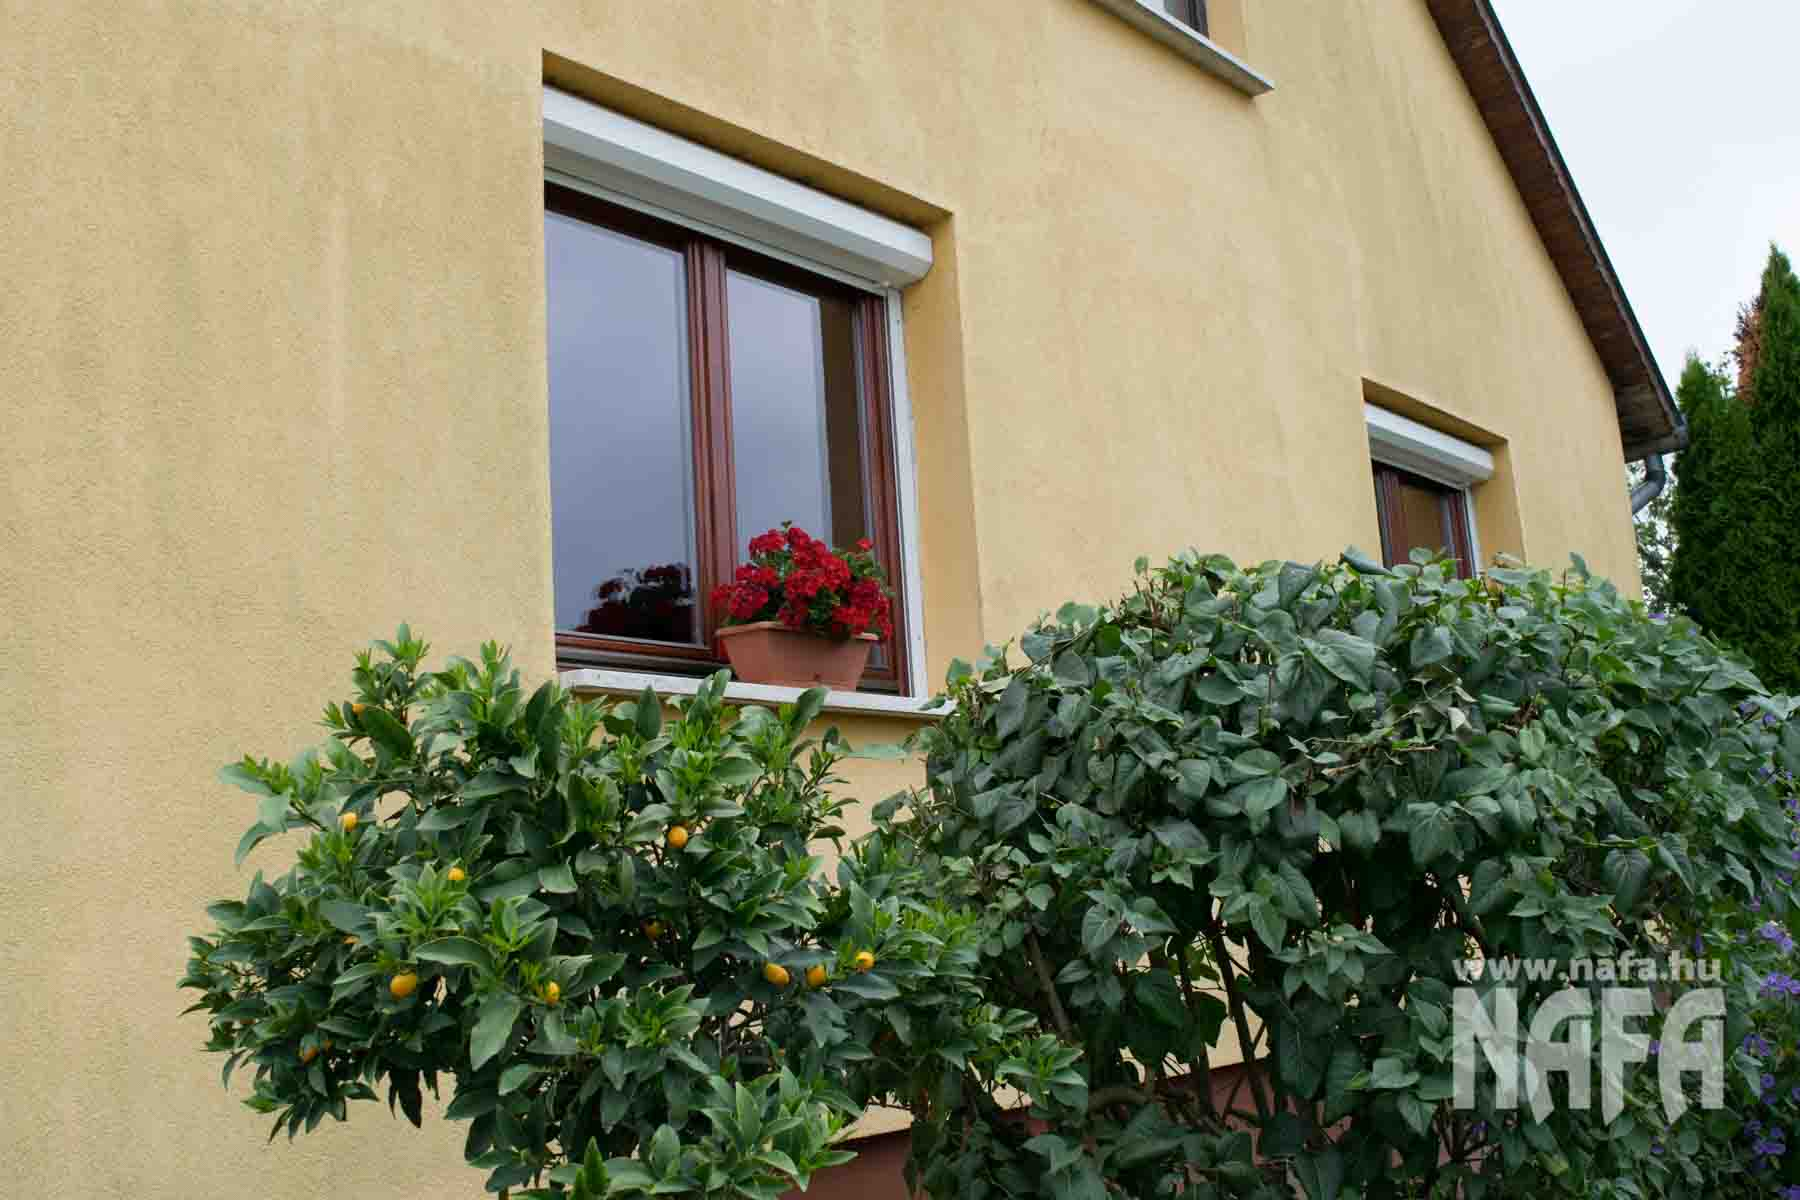 Miért válasszon minket az ablakcseréhez